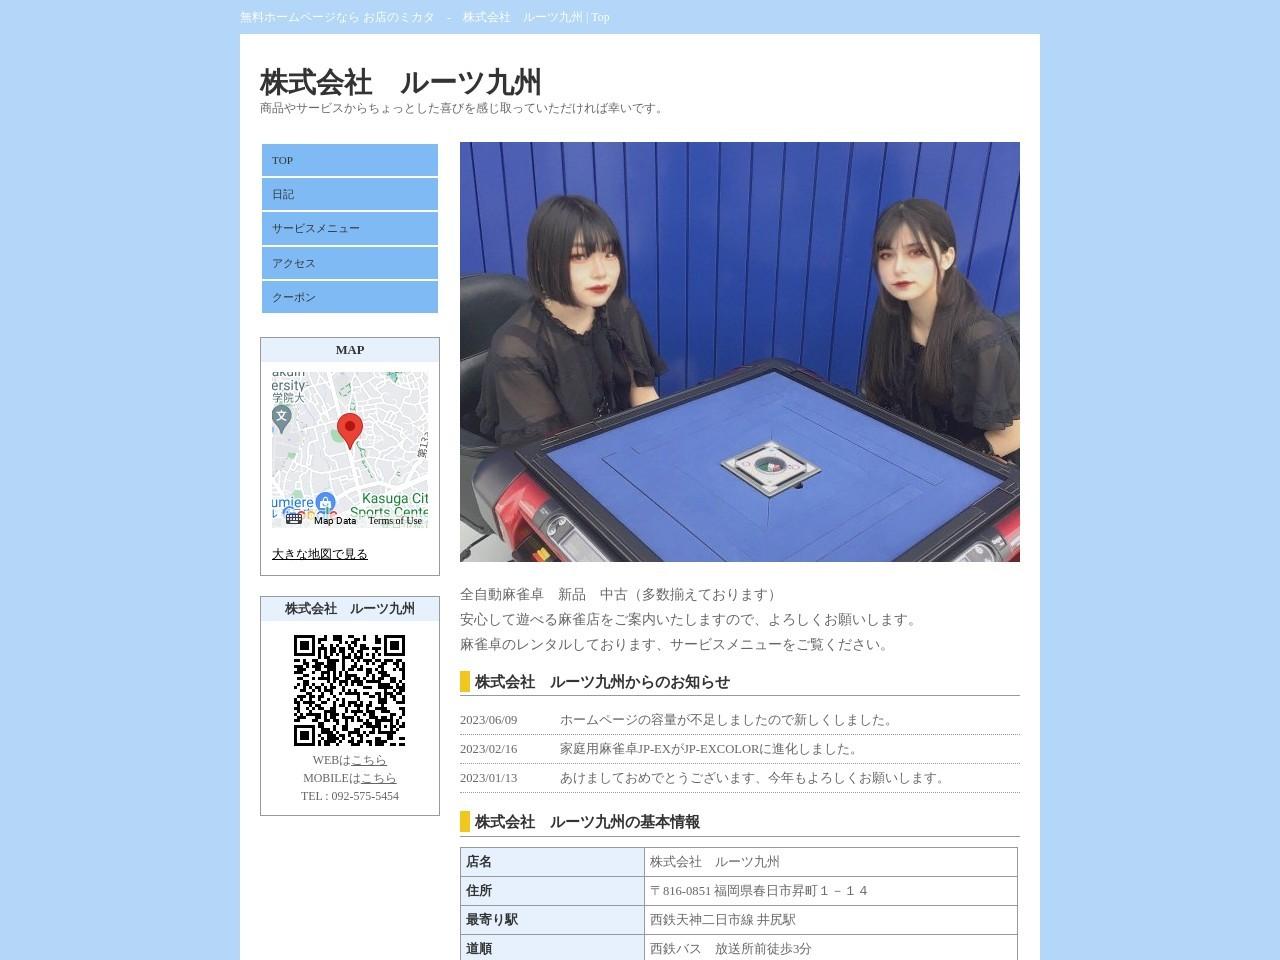 株式会社 ルーツ九州 | Top - お店のミカタ